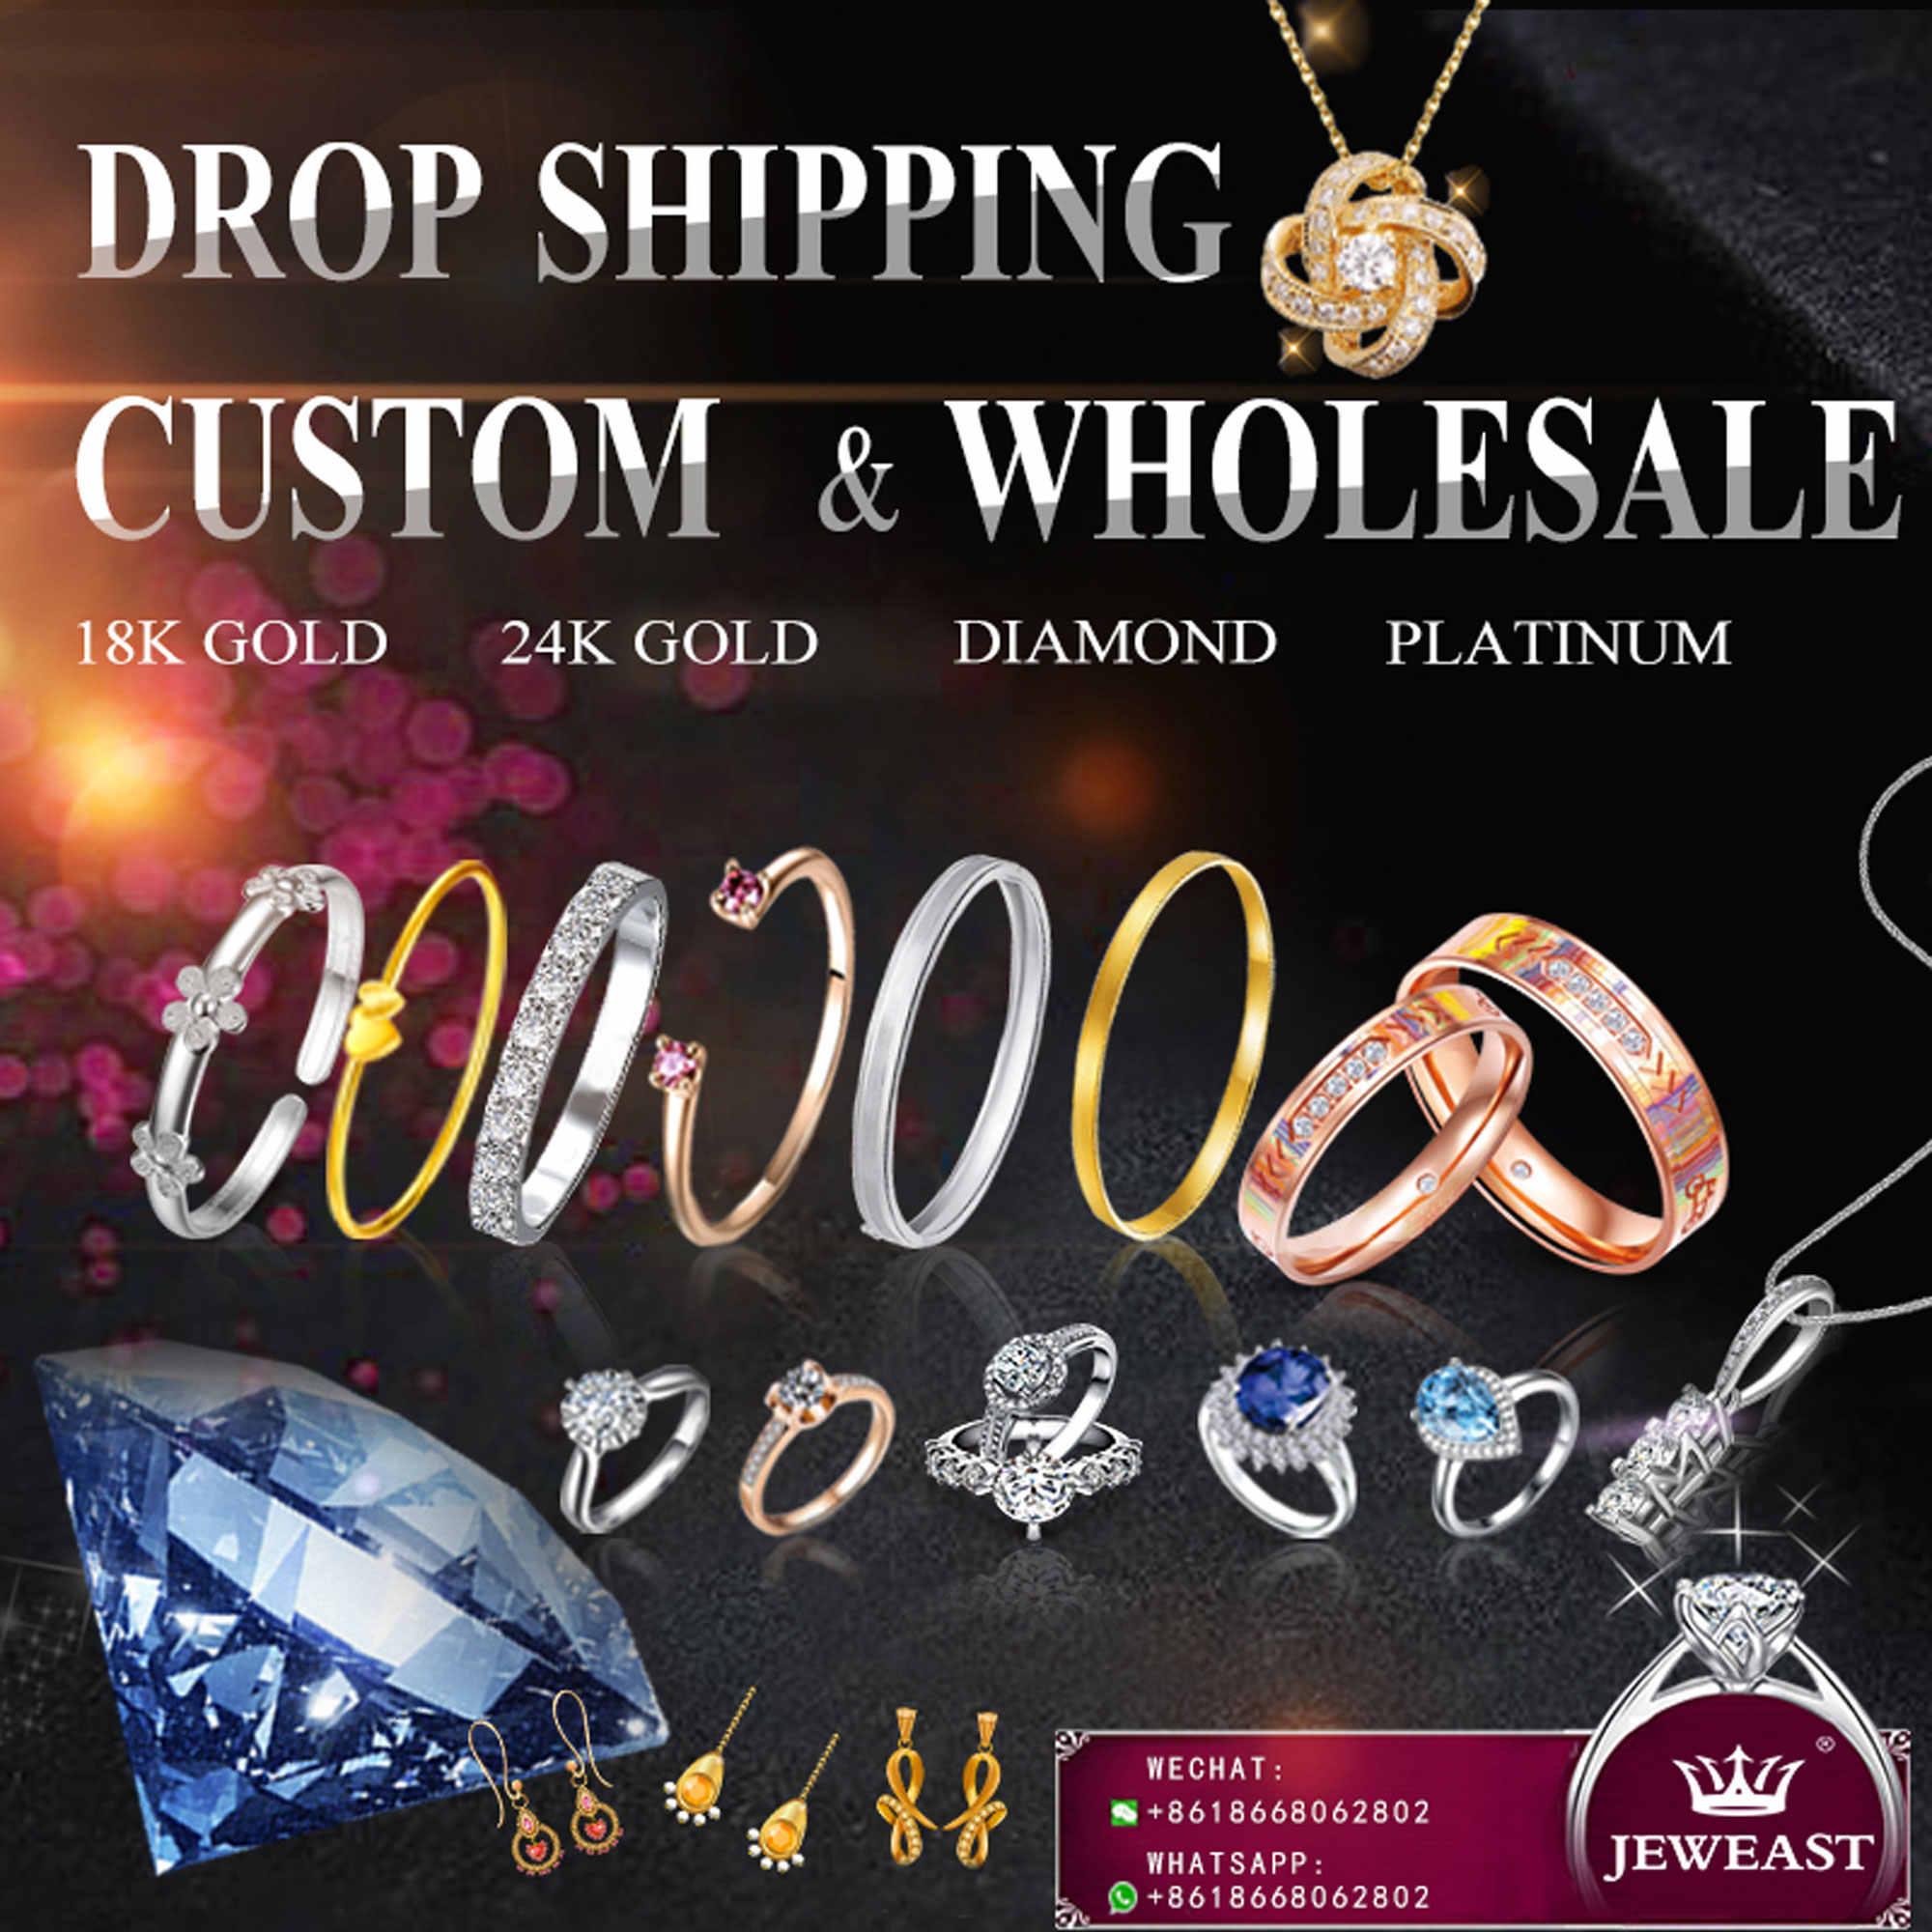 Pt950 Emas Emas Murni Cincin Nyata Pt950 Solid Cincin Emas Yang Baik Indah Kelas Atas Trendy Klasik Pesta Fine Perhiasan Hot Jual baru 2018